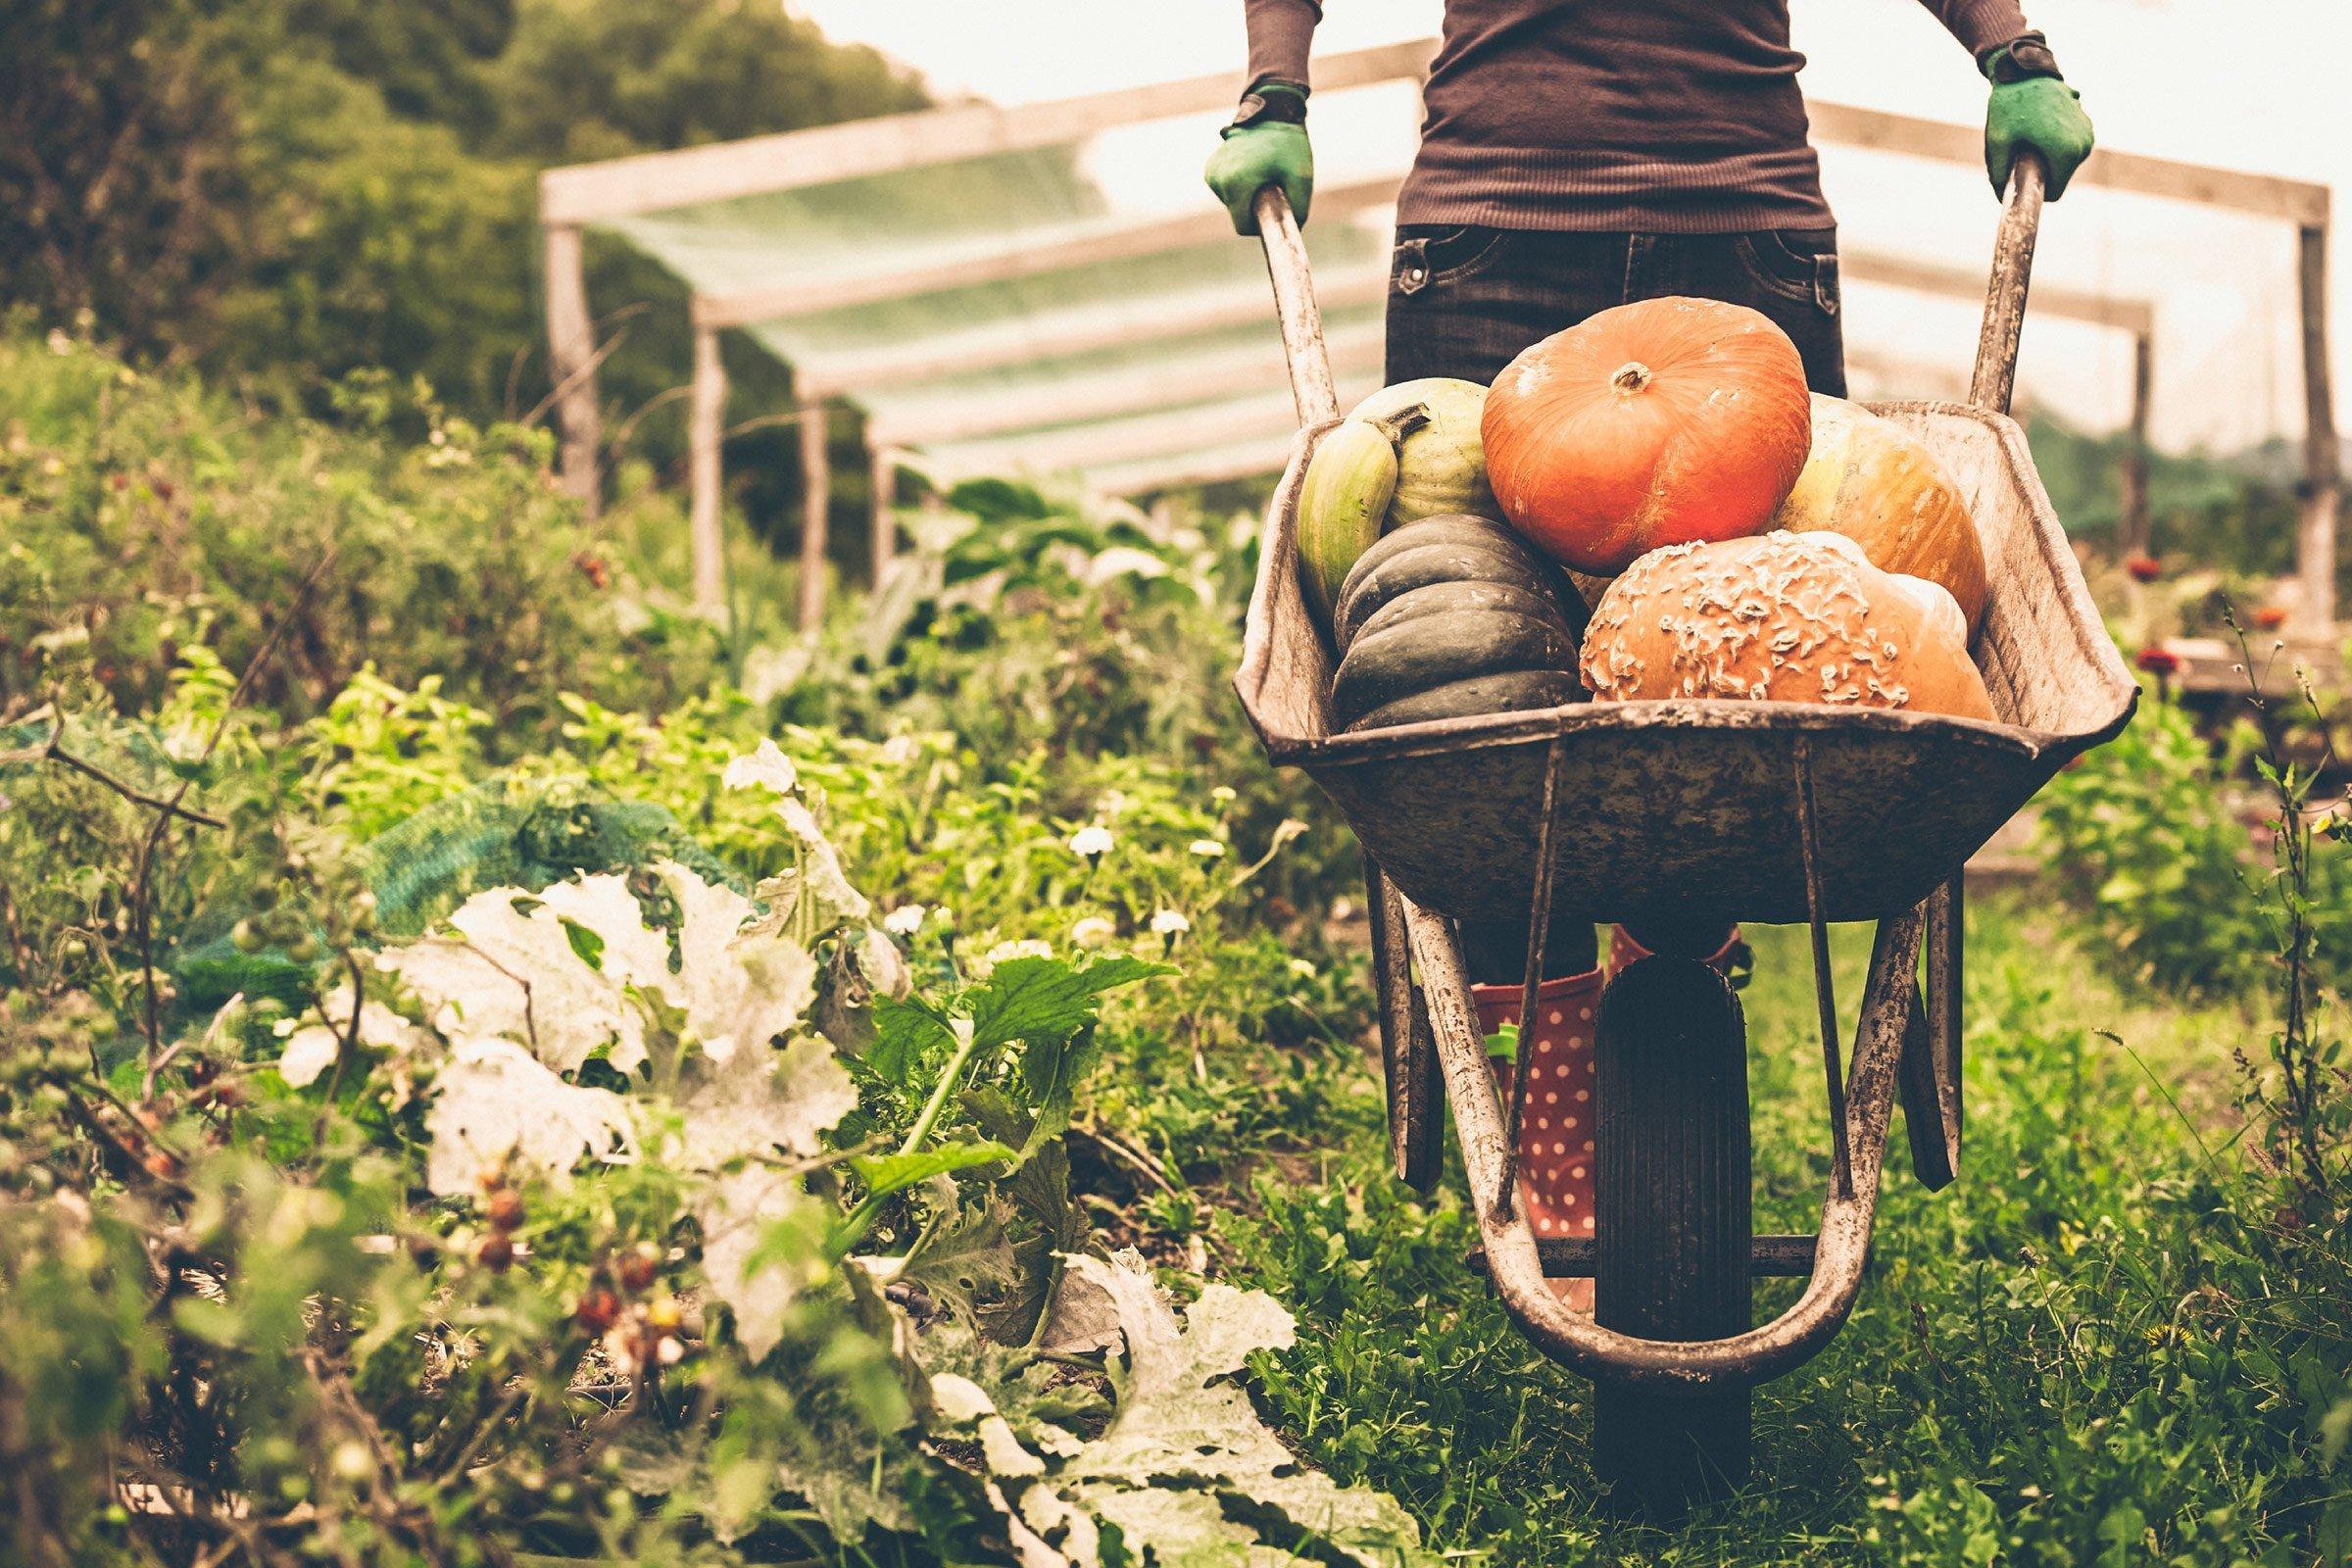 Προστατεύουν τα βιολογικά τρόφιμα από τον καρκίνο;